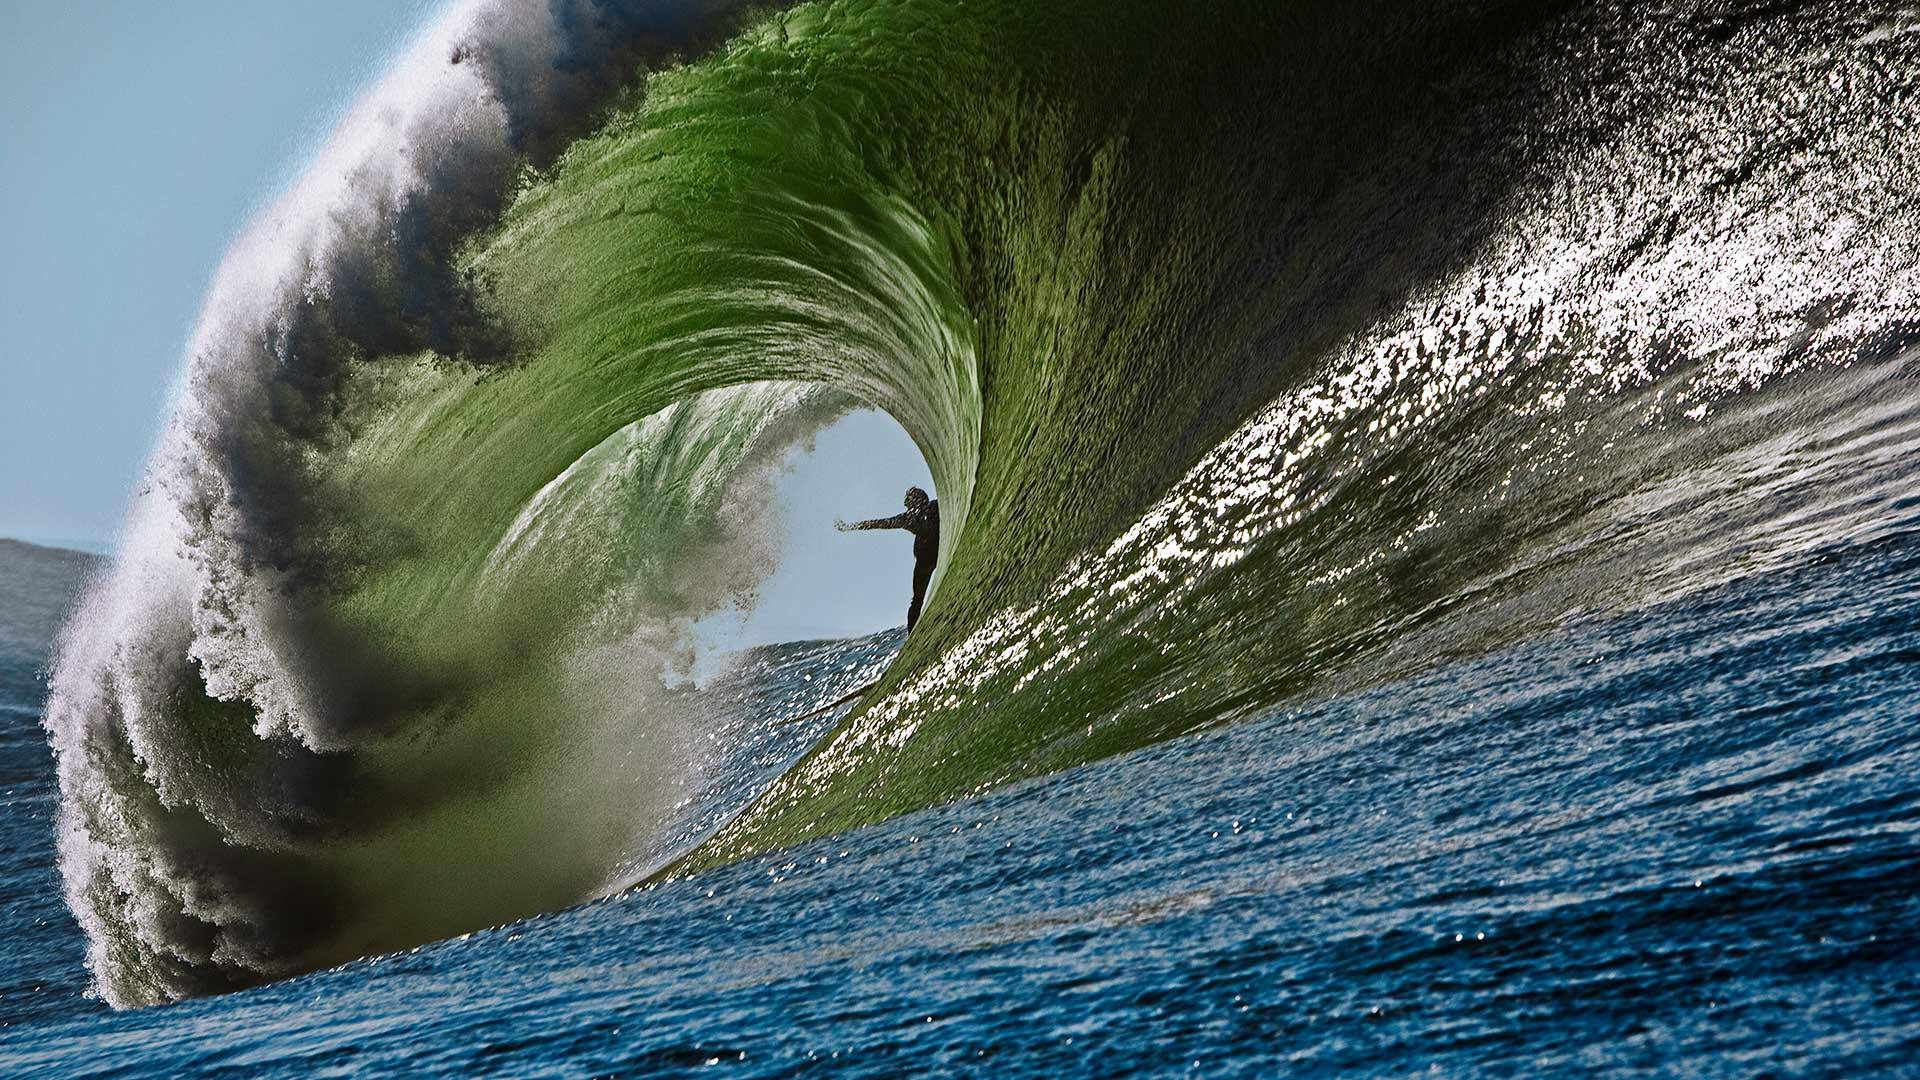 ola trajes de surf libres de neopreno